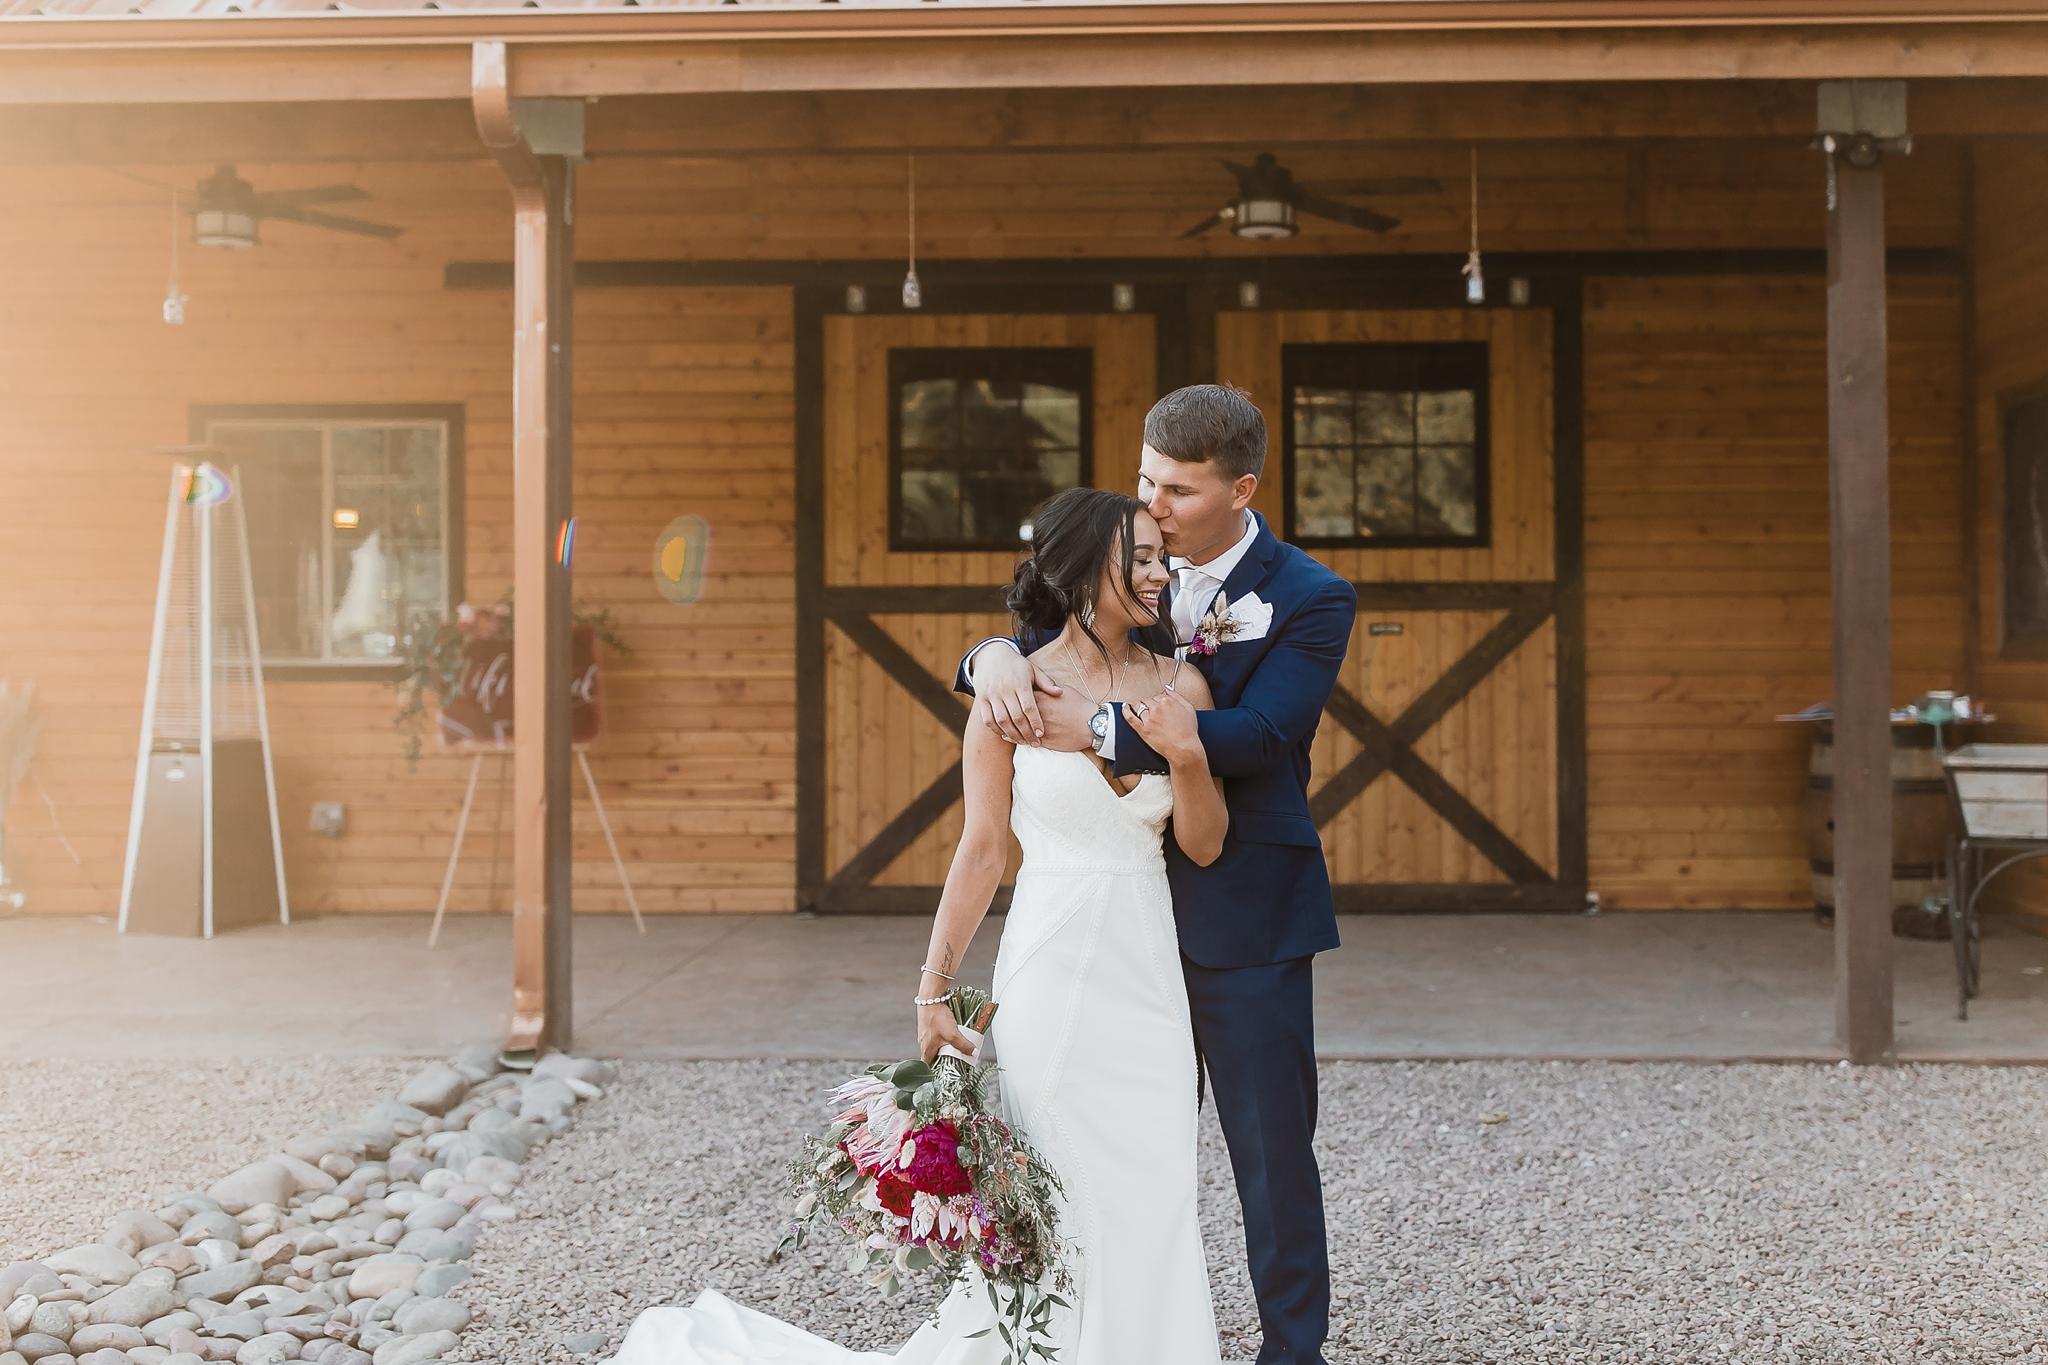 Alicia+lucia+photography+-+albuquerque+wedding+photographer+-+santa+fe+wedding+photography+-+new+mexico+wedding+photographer+-+new+mexico+wedding+-+new+mexico+wedding+-+barn+wedding+-+enchanted+vine+barn+wedding+-+ruidoso+wedding_0144.jpg